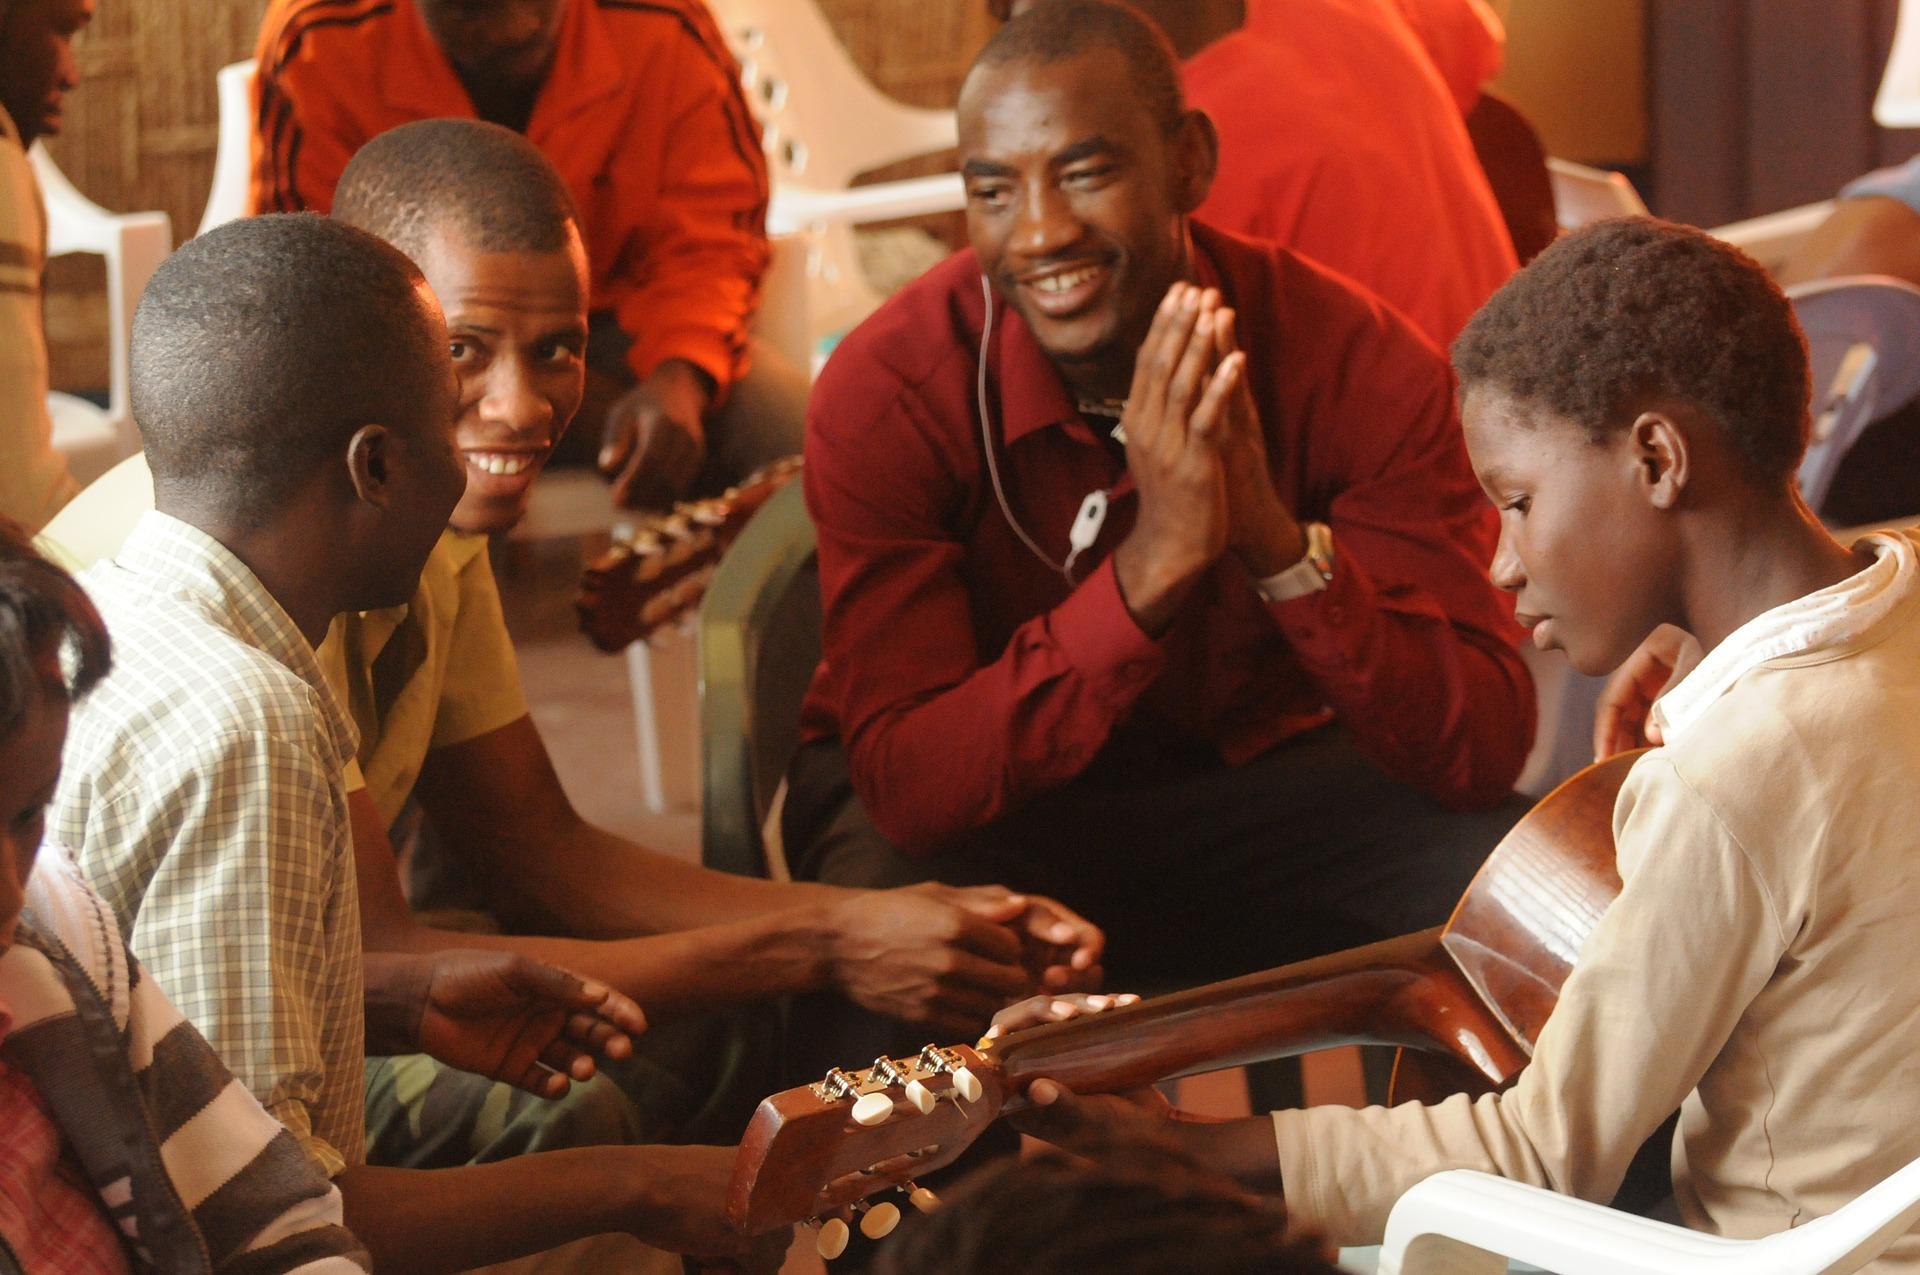 Nytt projekt för barn och unga planeras i Moçambique